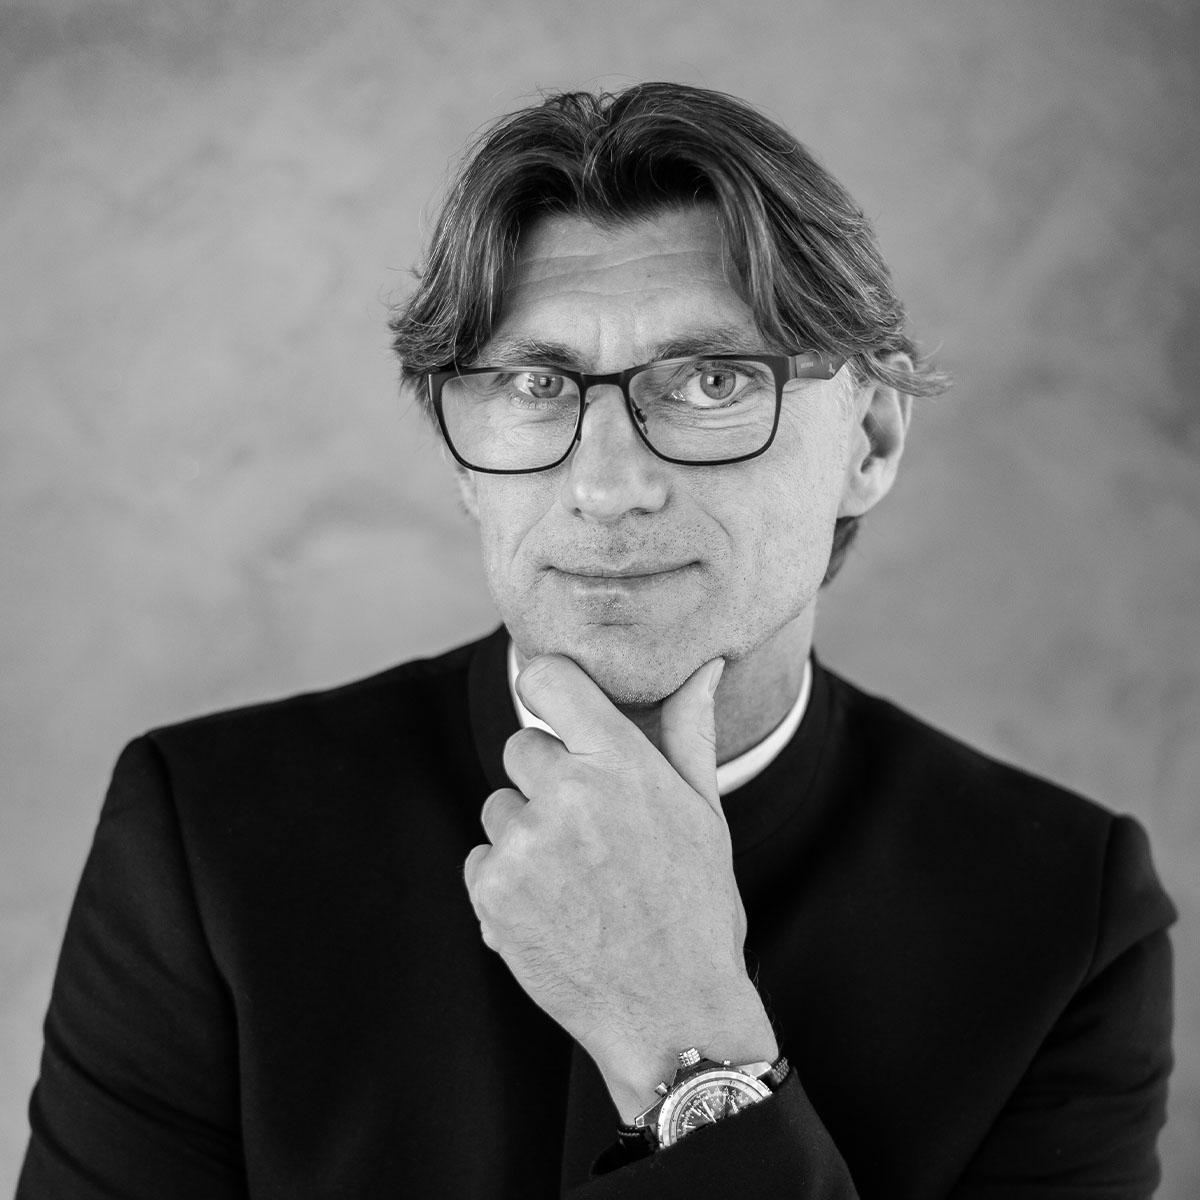 Grzegorz Viktor Krychowski